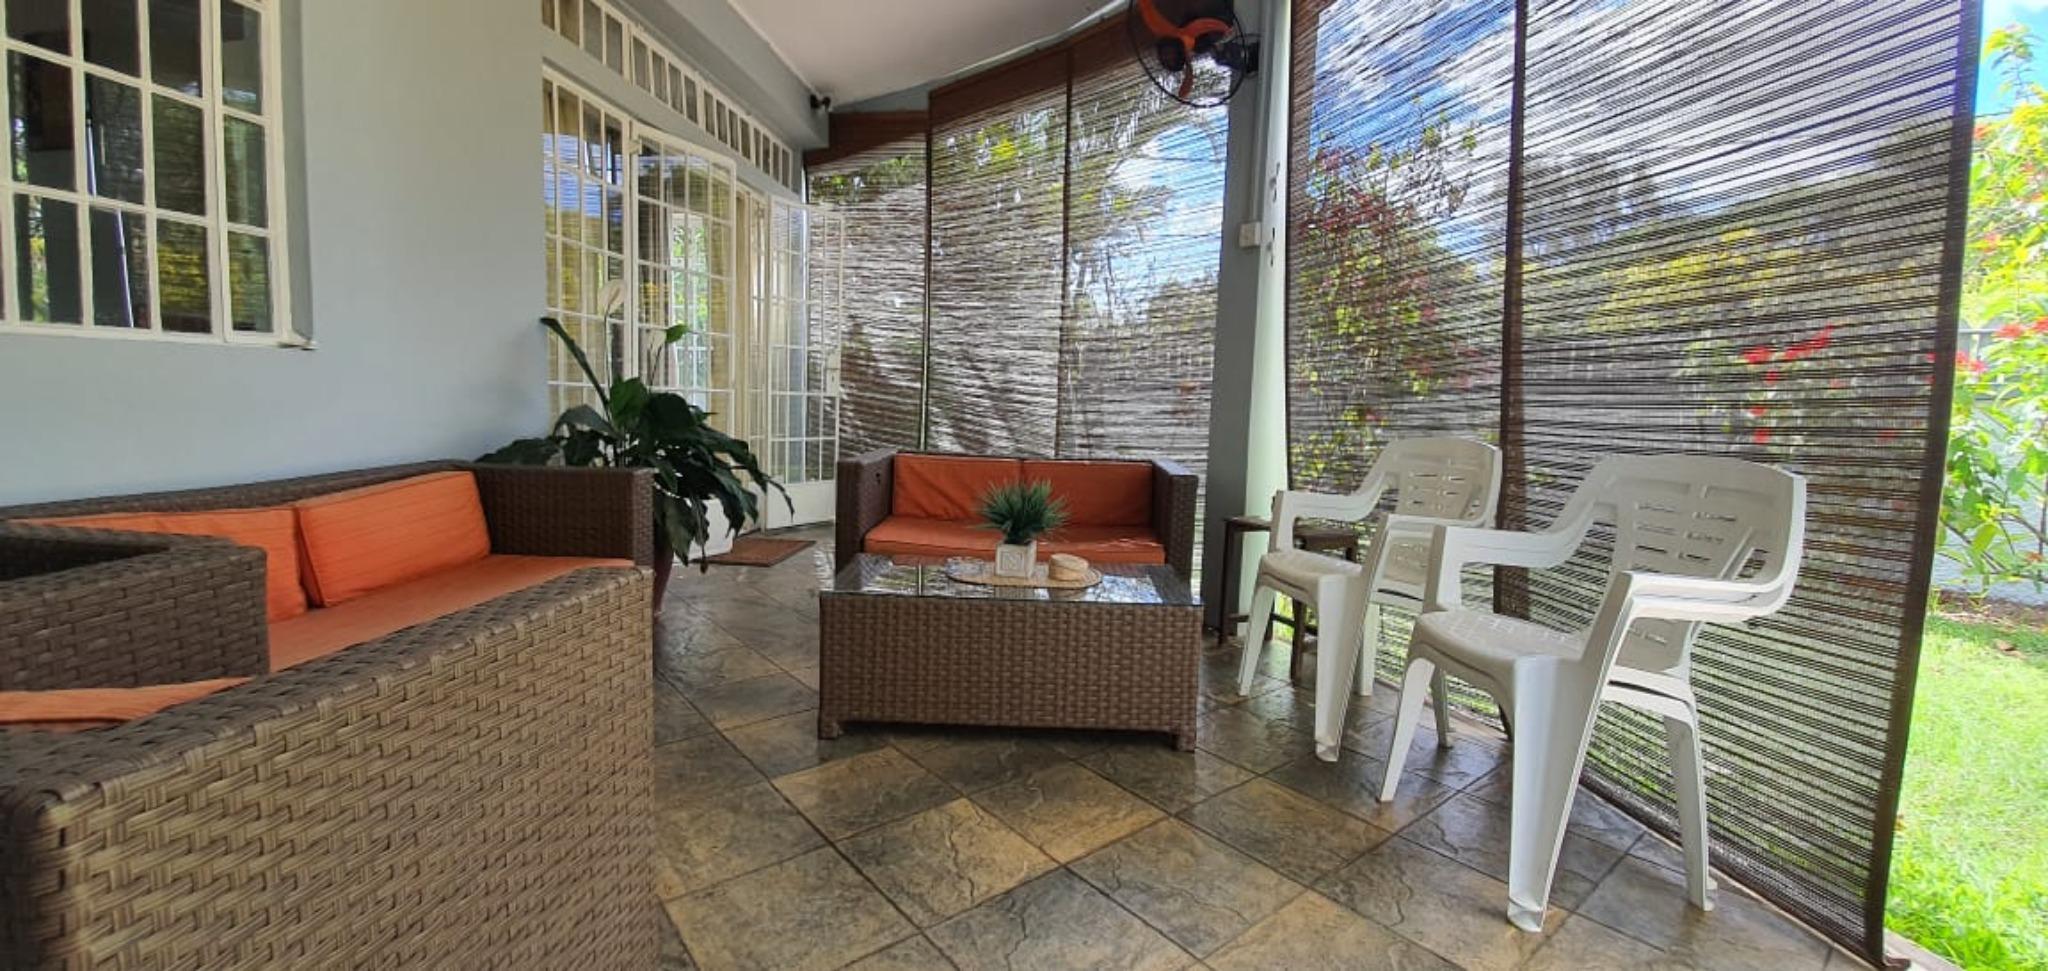 A vendre – Belle maison non meublée de 300 m² se situe à Beau-Bassin.